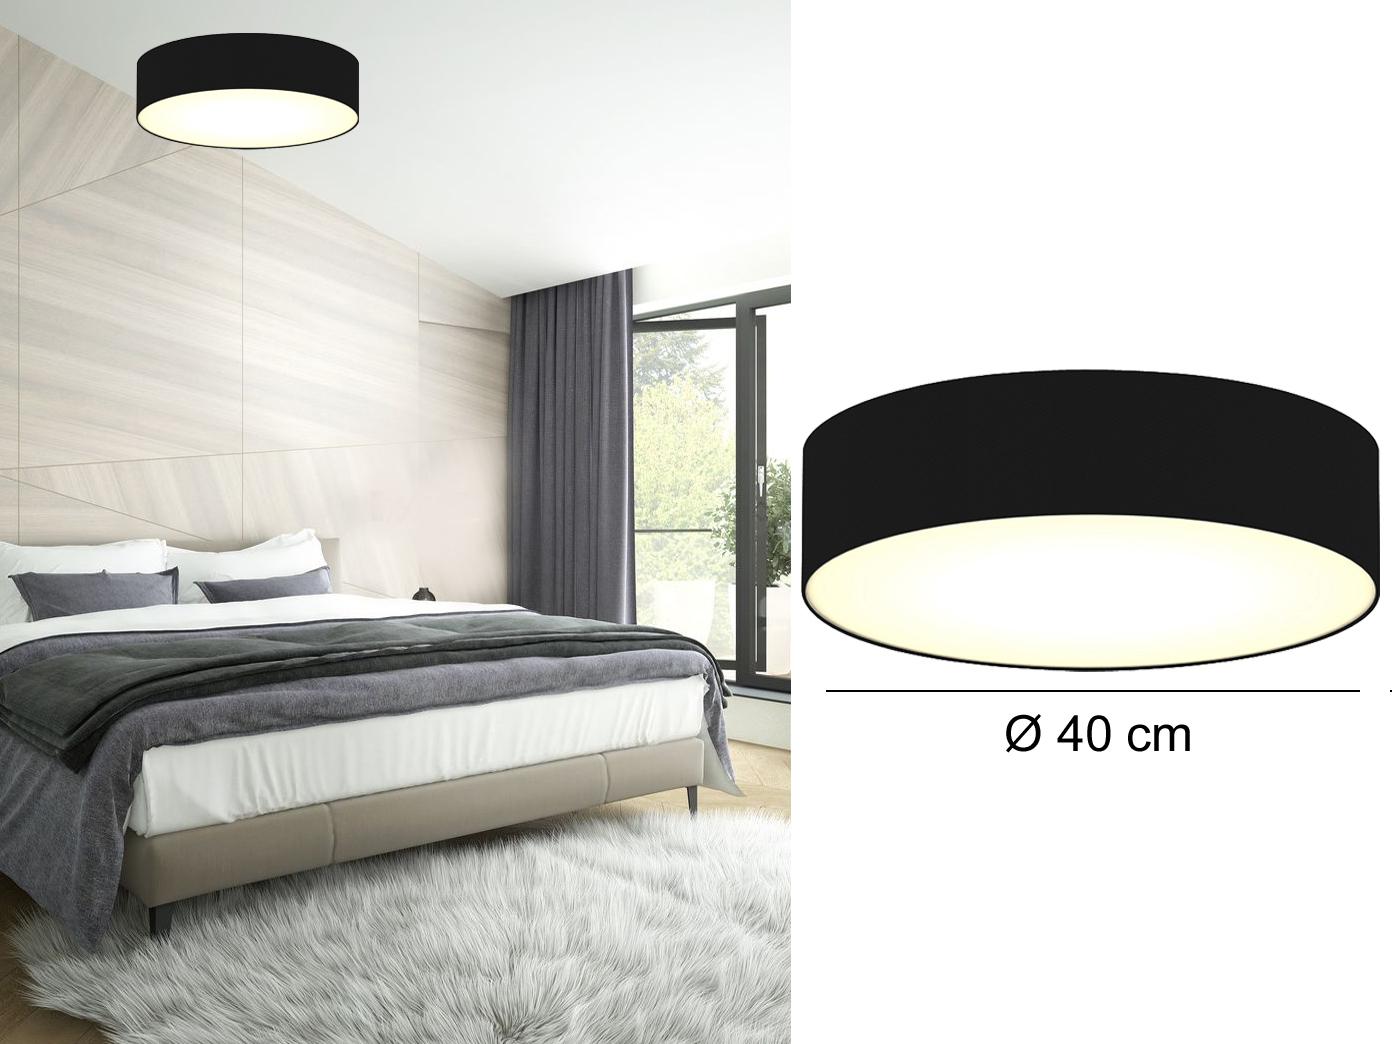 design deckenleuchte ceiling dream rund Ø40 cm schirm schwarz schlafzimmer